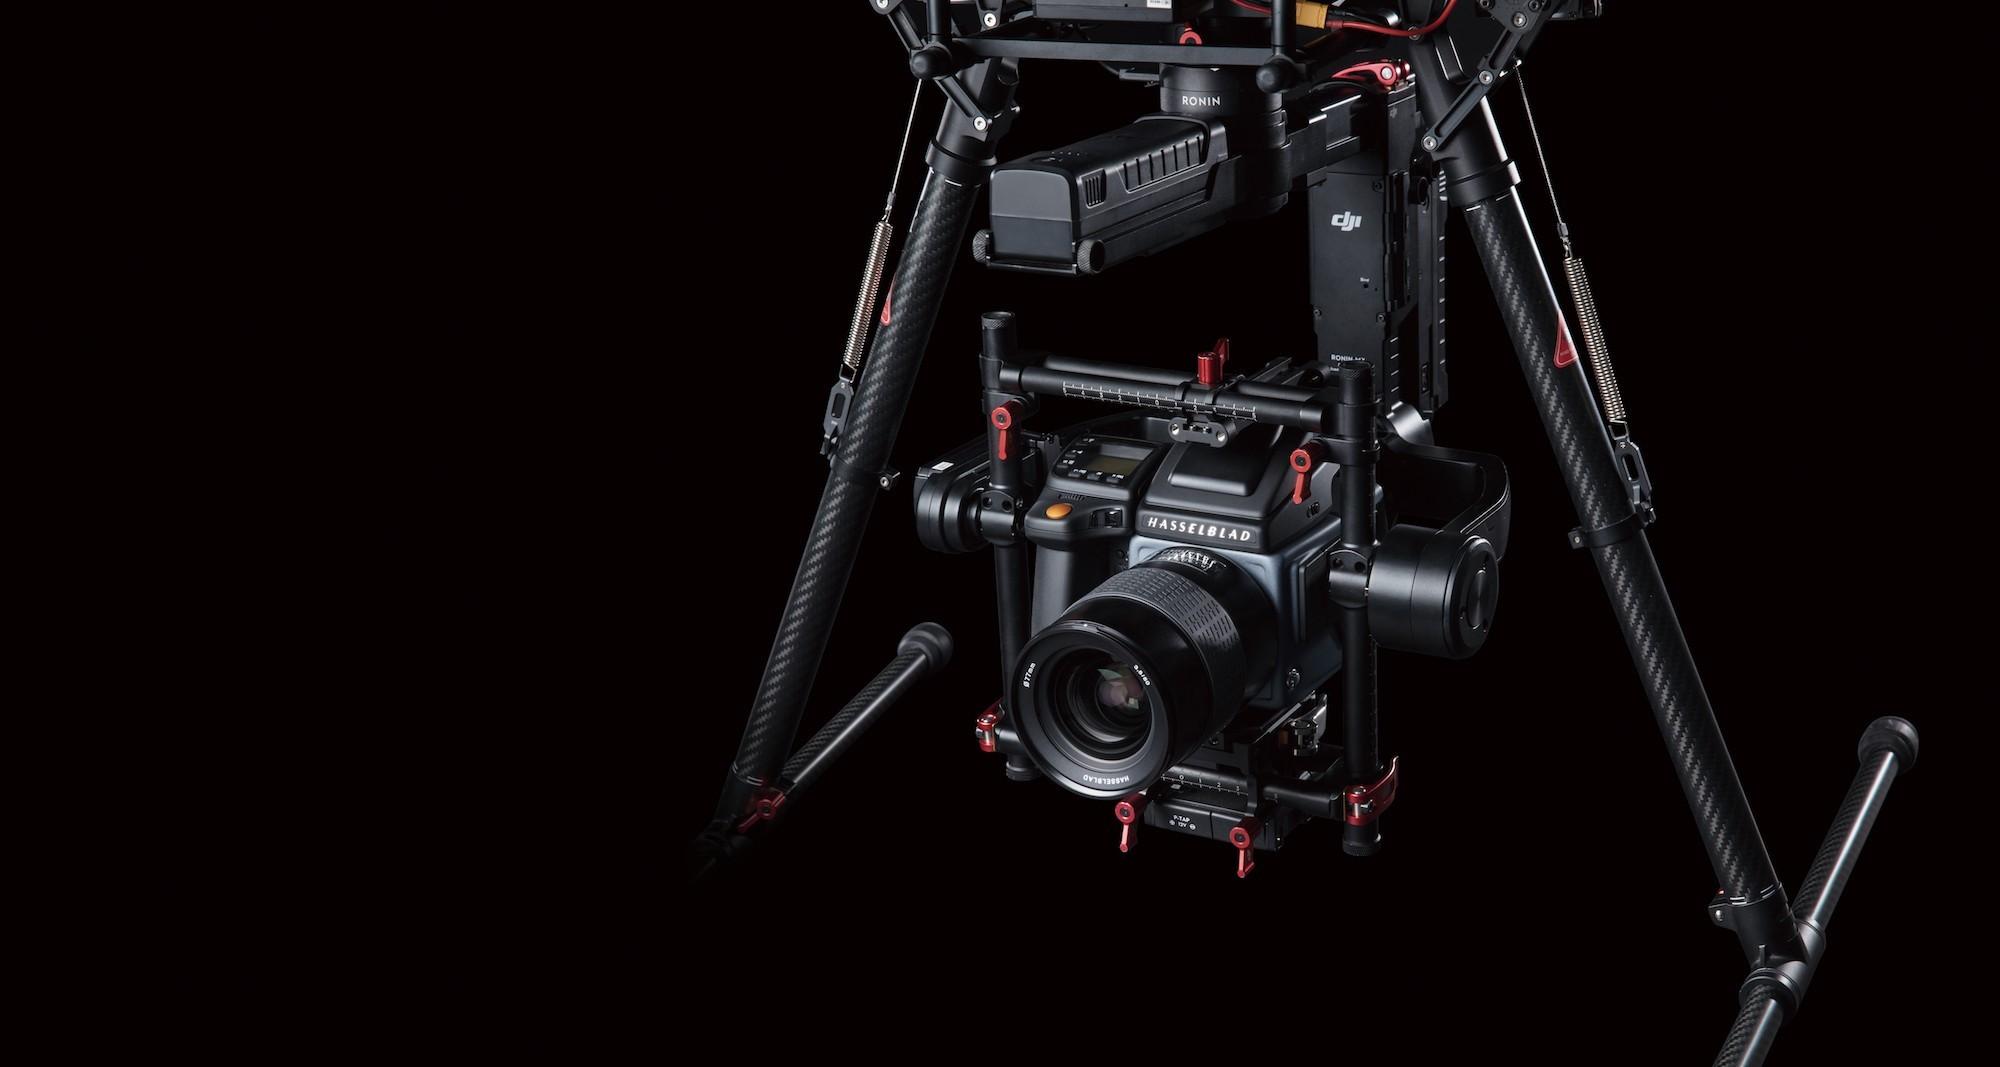 DJI M600 Pro là Drone đầu tiên trên thế giới được tích hợp camera 100MP. Đây sẽ là sự lựa chọn hàng đầu cho những ai có nhu cầu chụp ảnh chất lượng cao, chuyên dùng cho nhiếp ảnh thương mại, in ấn kích thước cực lớn.